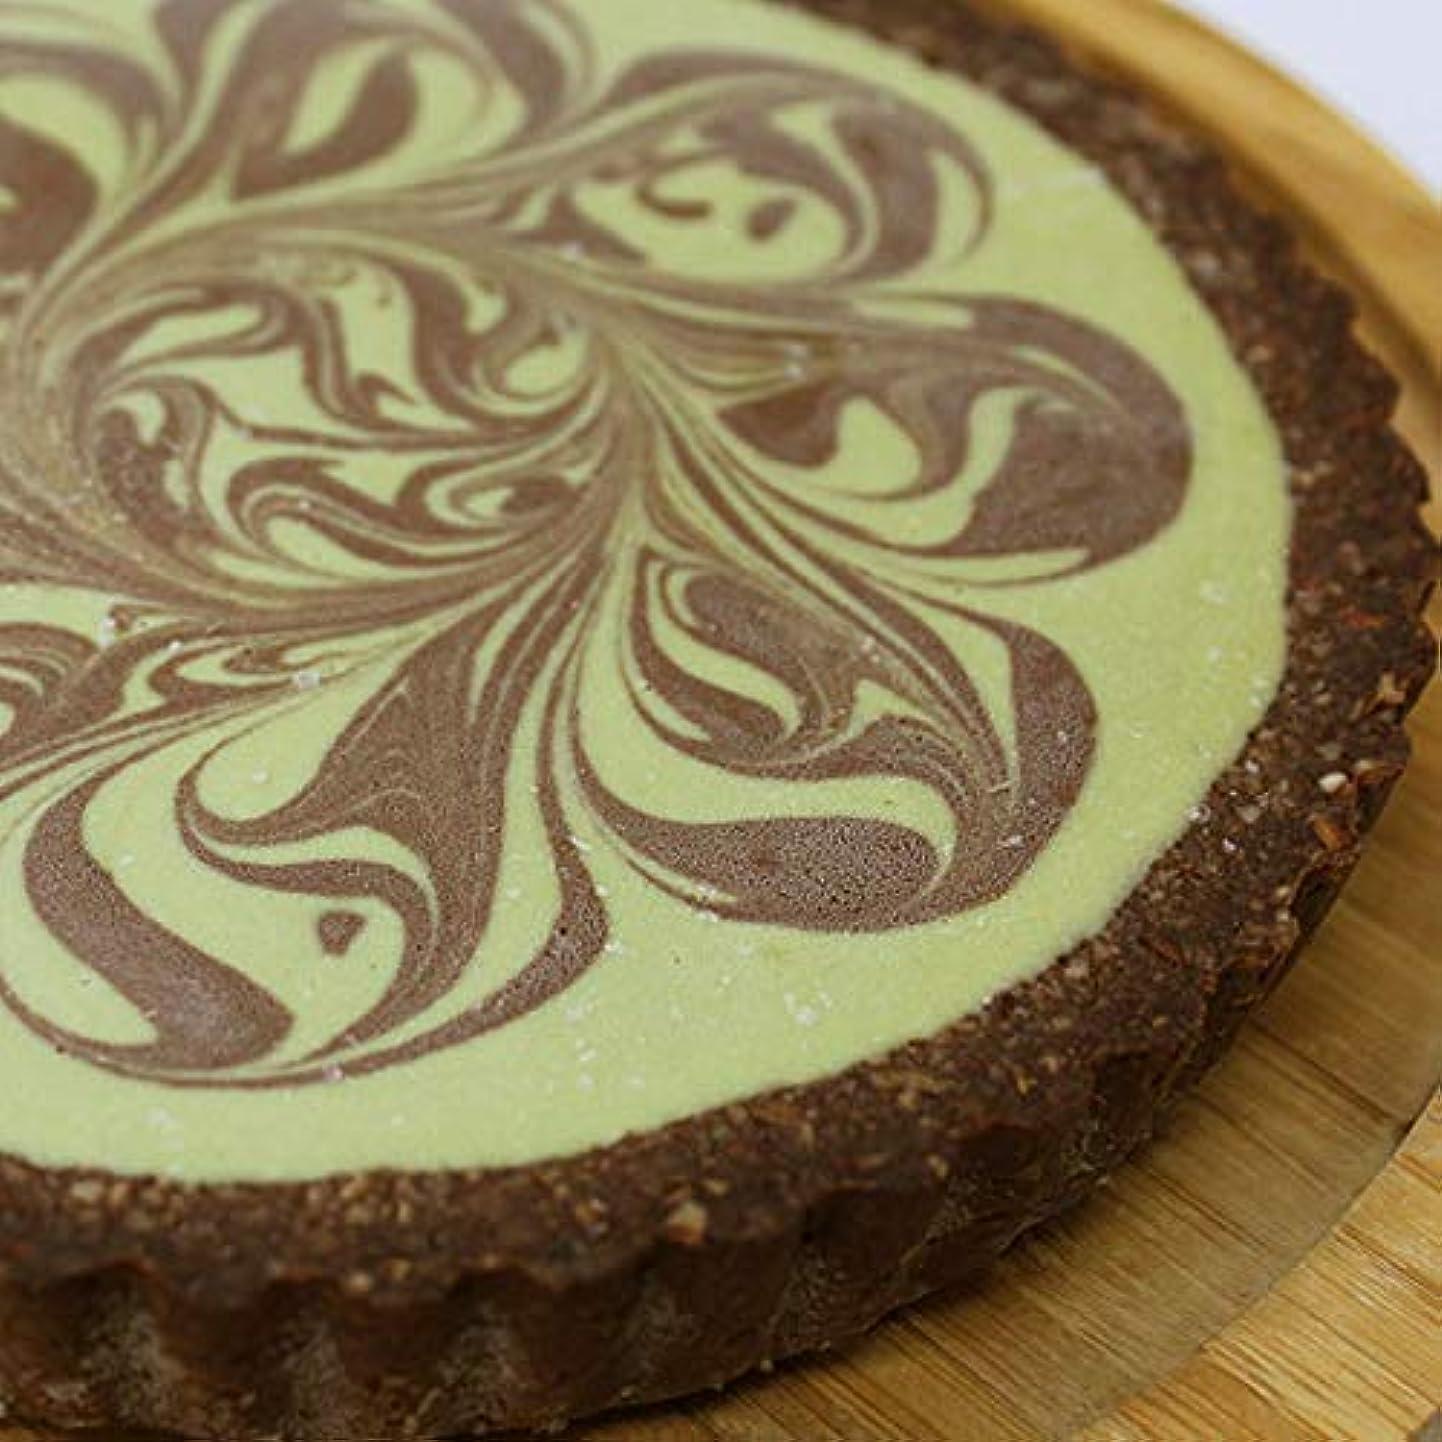 落ち着いたランドマーク急速なロハスオリジナル 手作り チョコレートミントロータルト